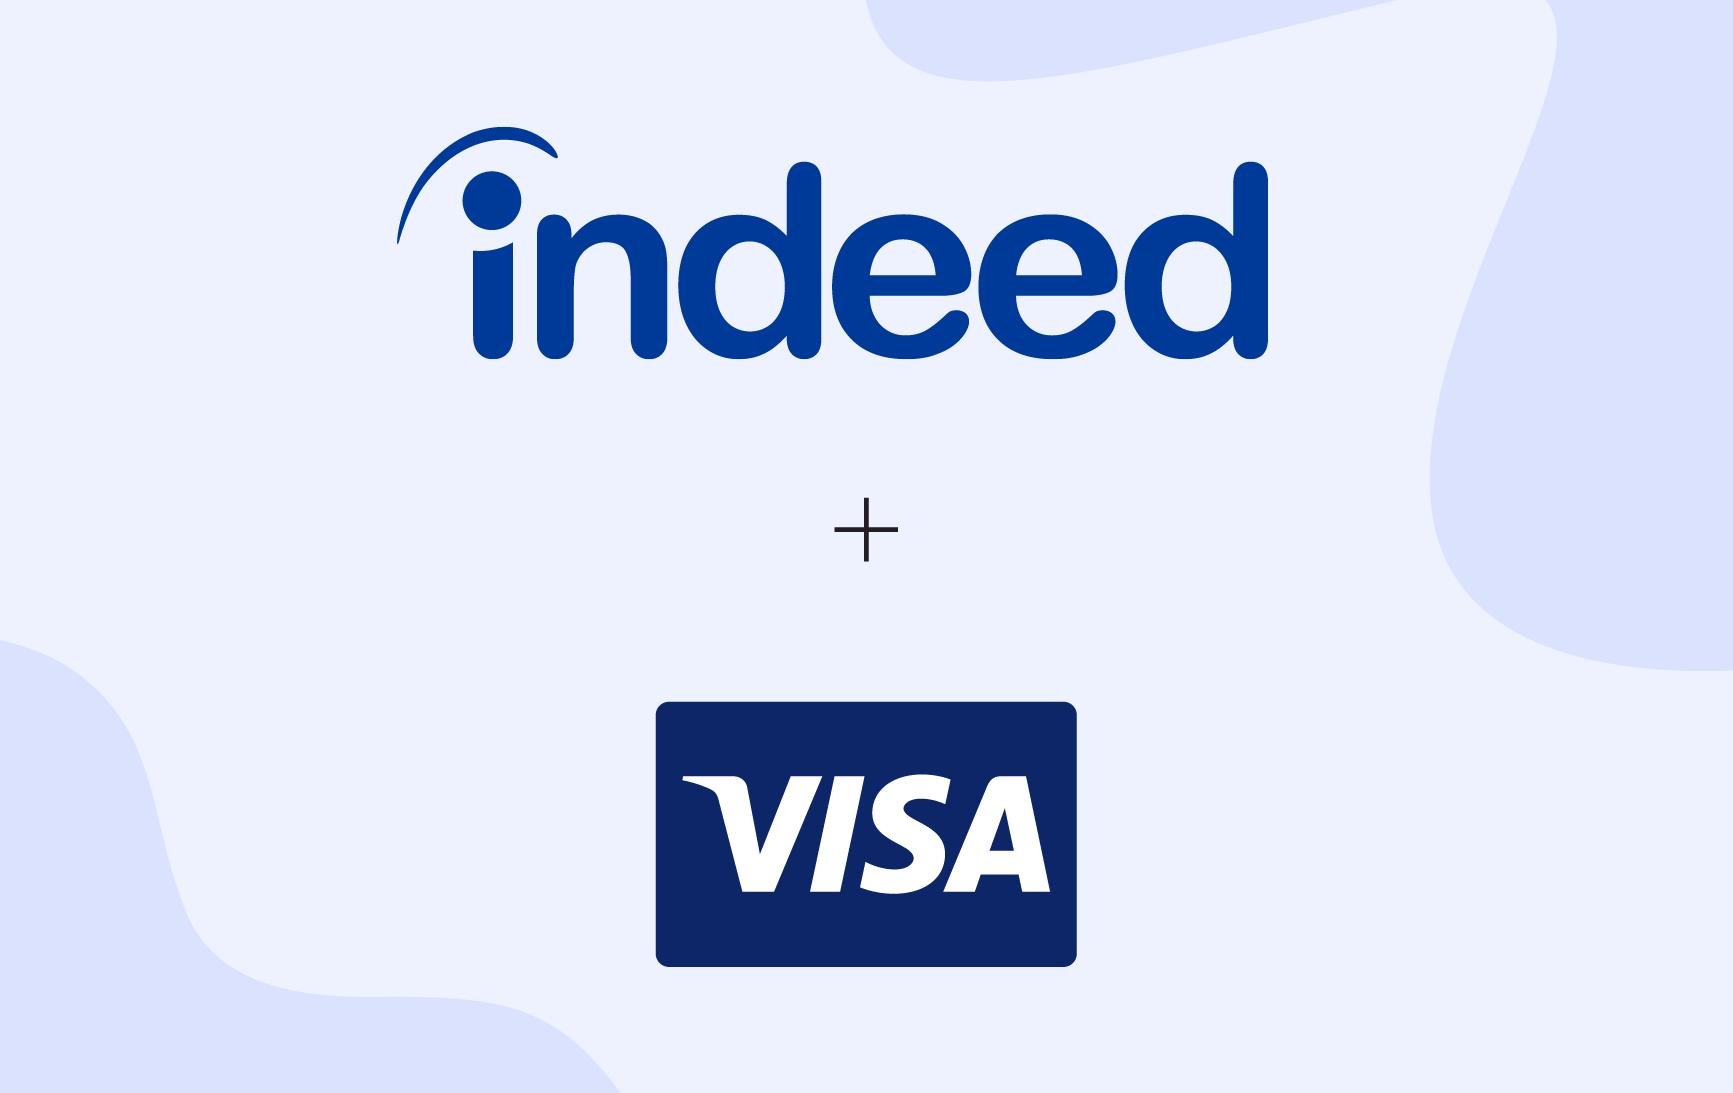 Indeed and Visa logos